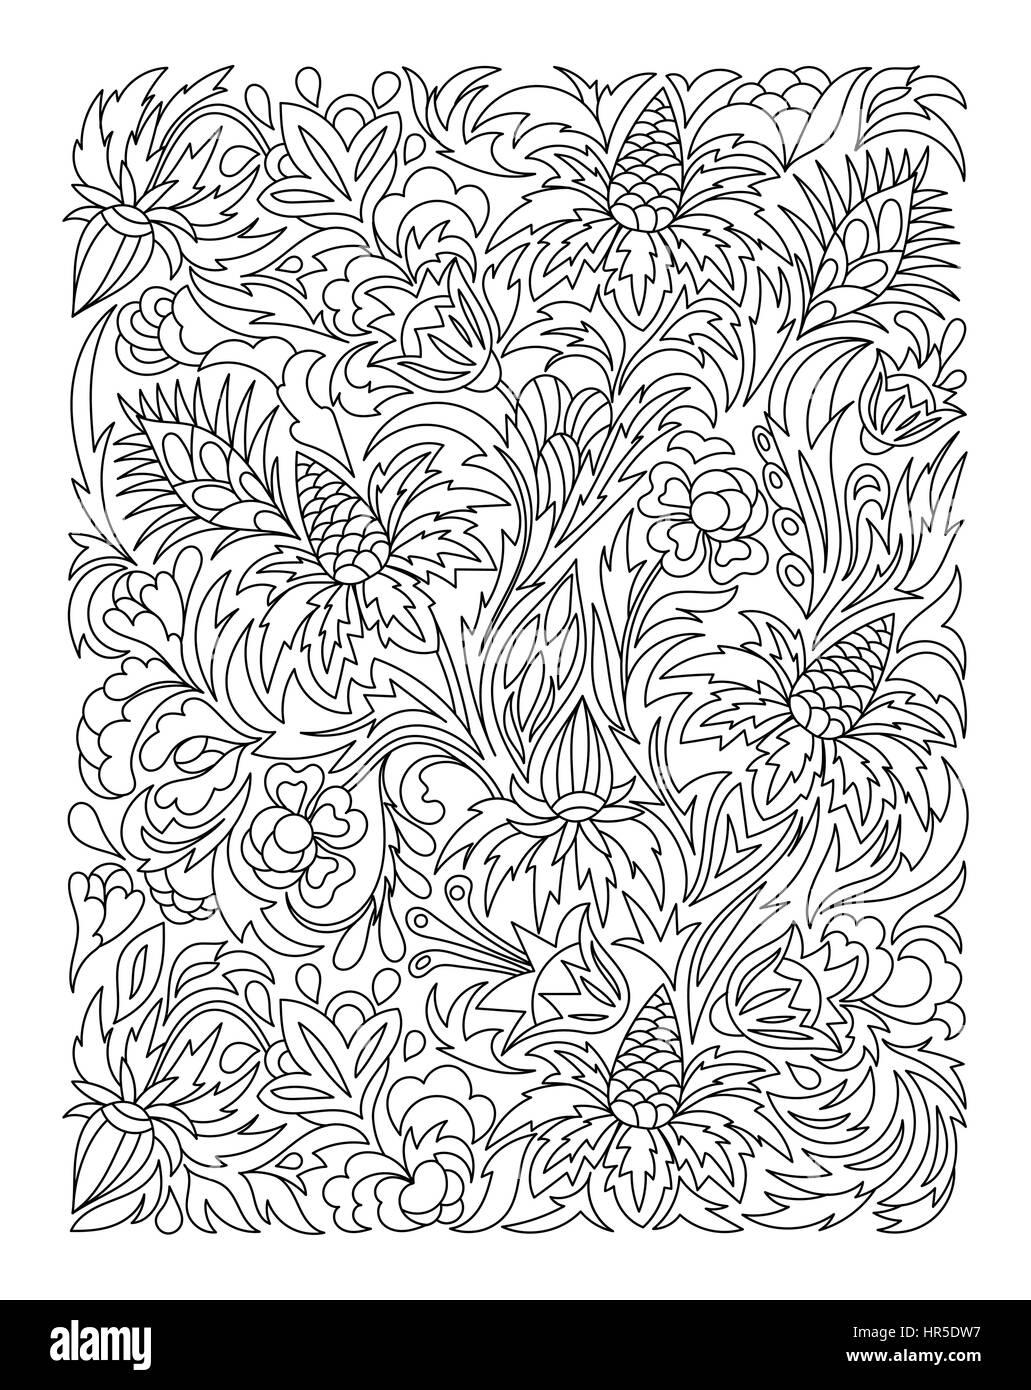 Malvorlagen mit Vintage Blumen-Muster Vektor Abbildung - Bild ...